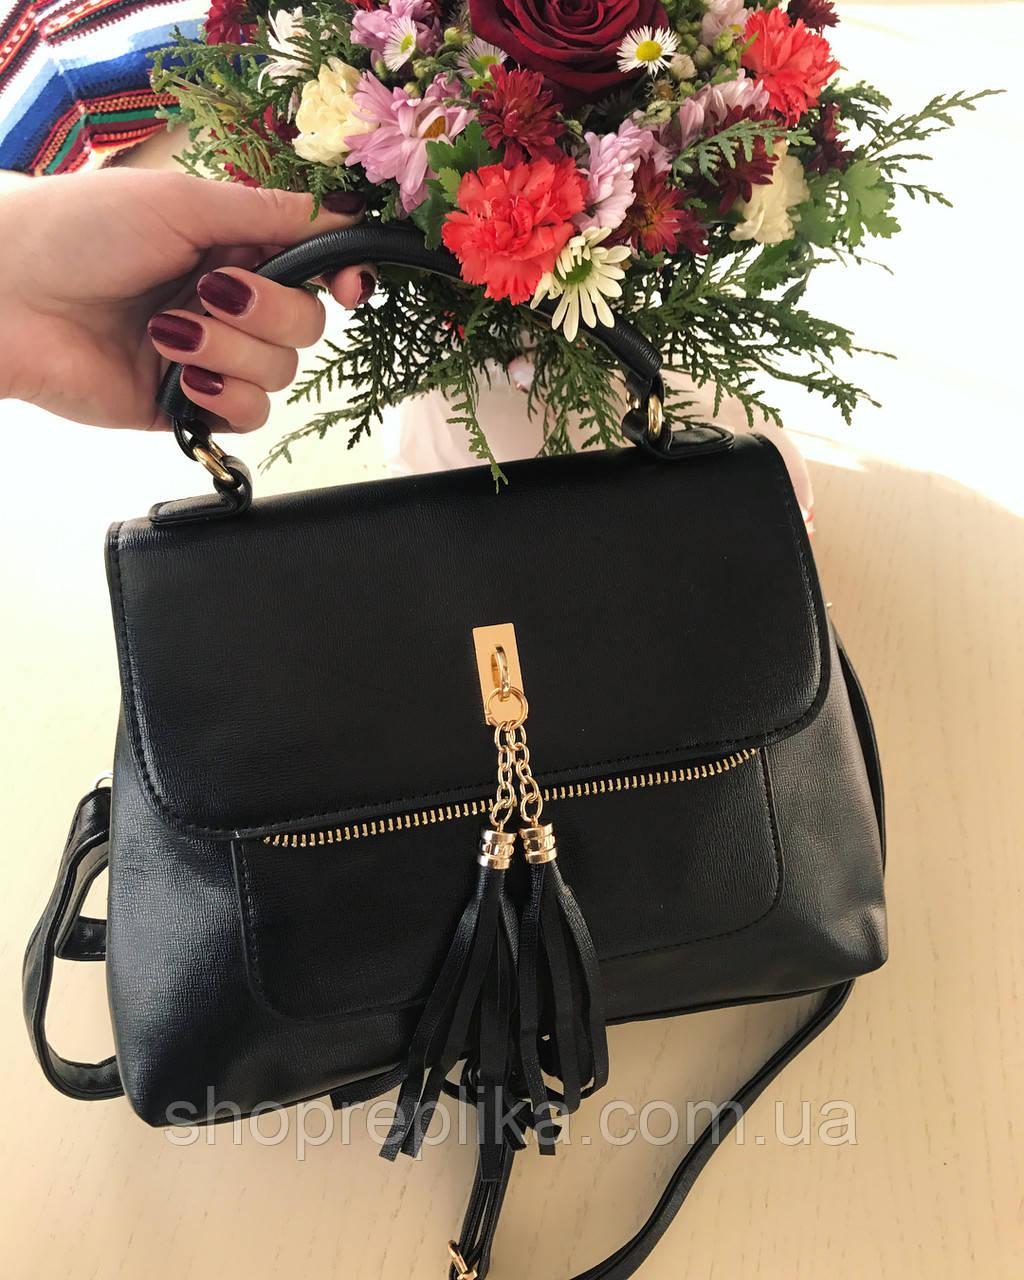 Женская сумка в стиле Celine , Селин Нереально стильная VS26133, фото 1